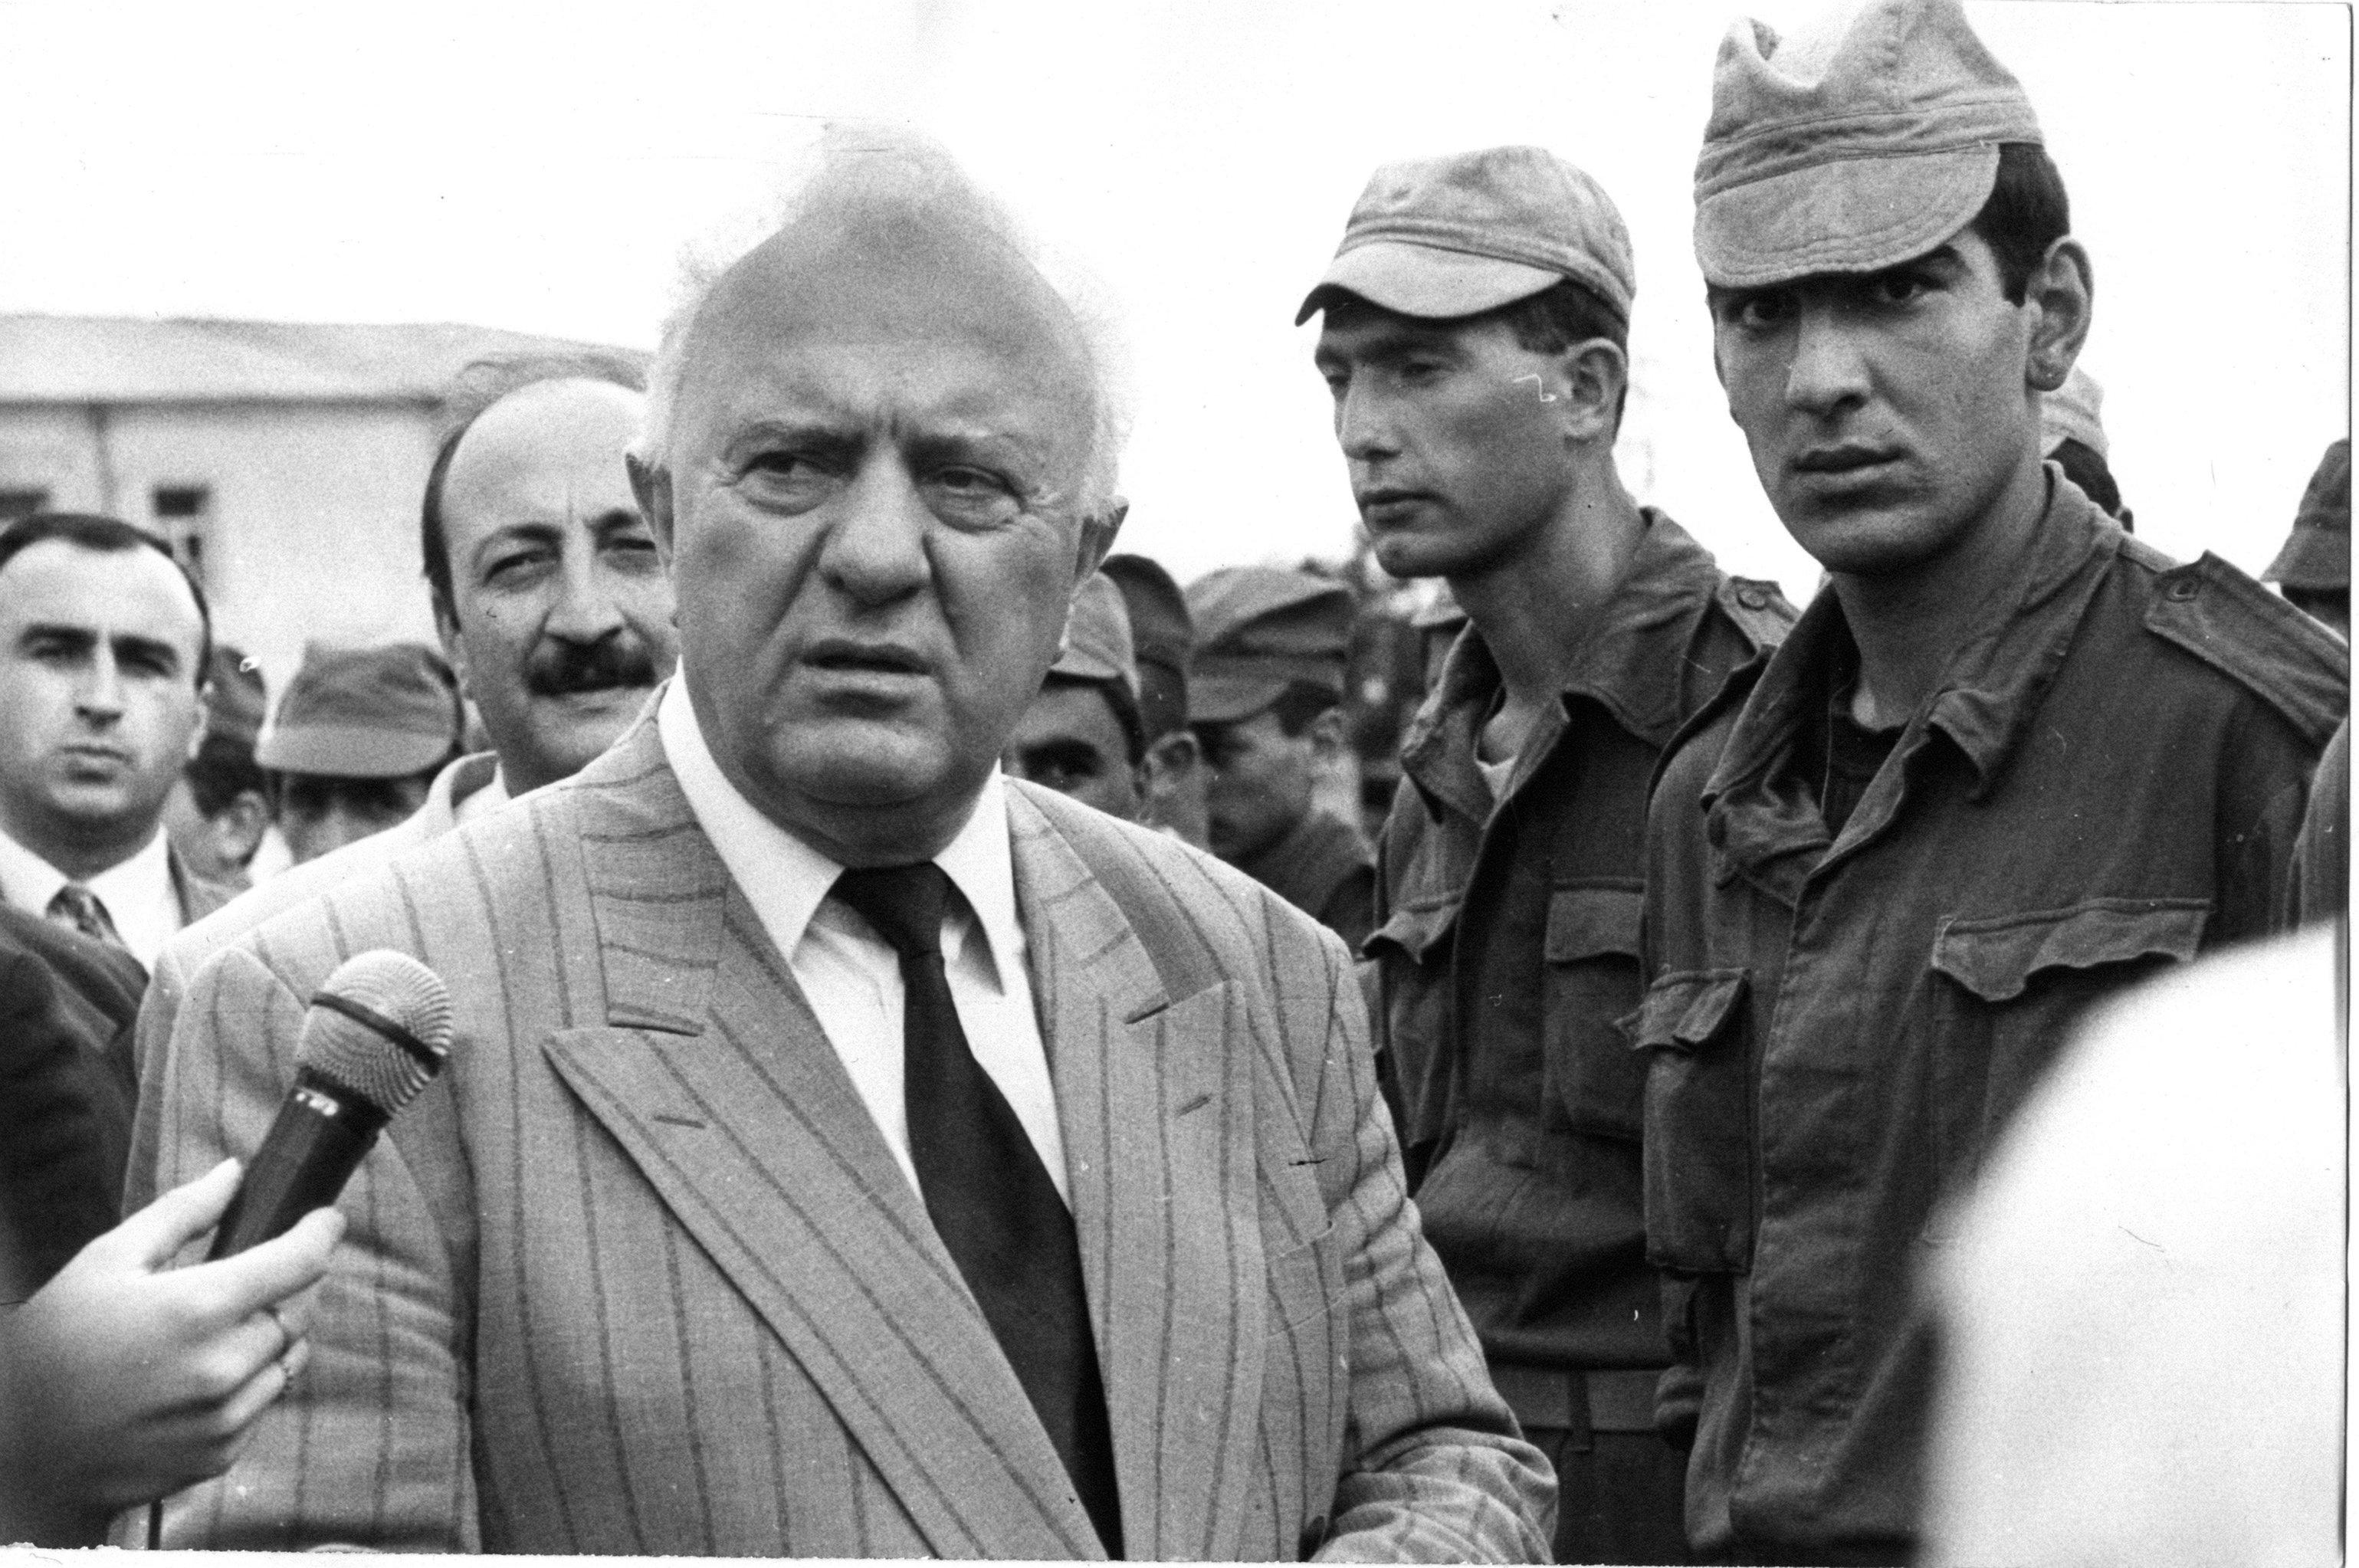 Эдуард Шеварднадзе в Сухуми во время военных действий